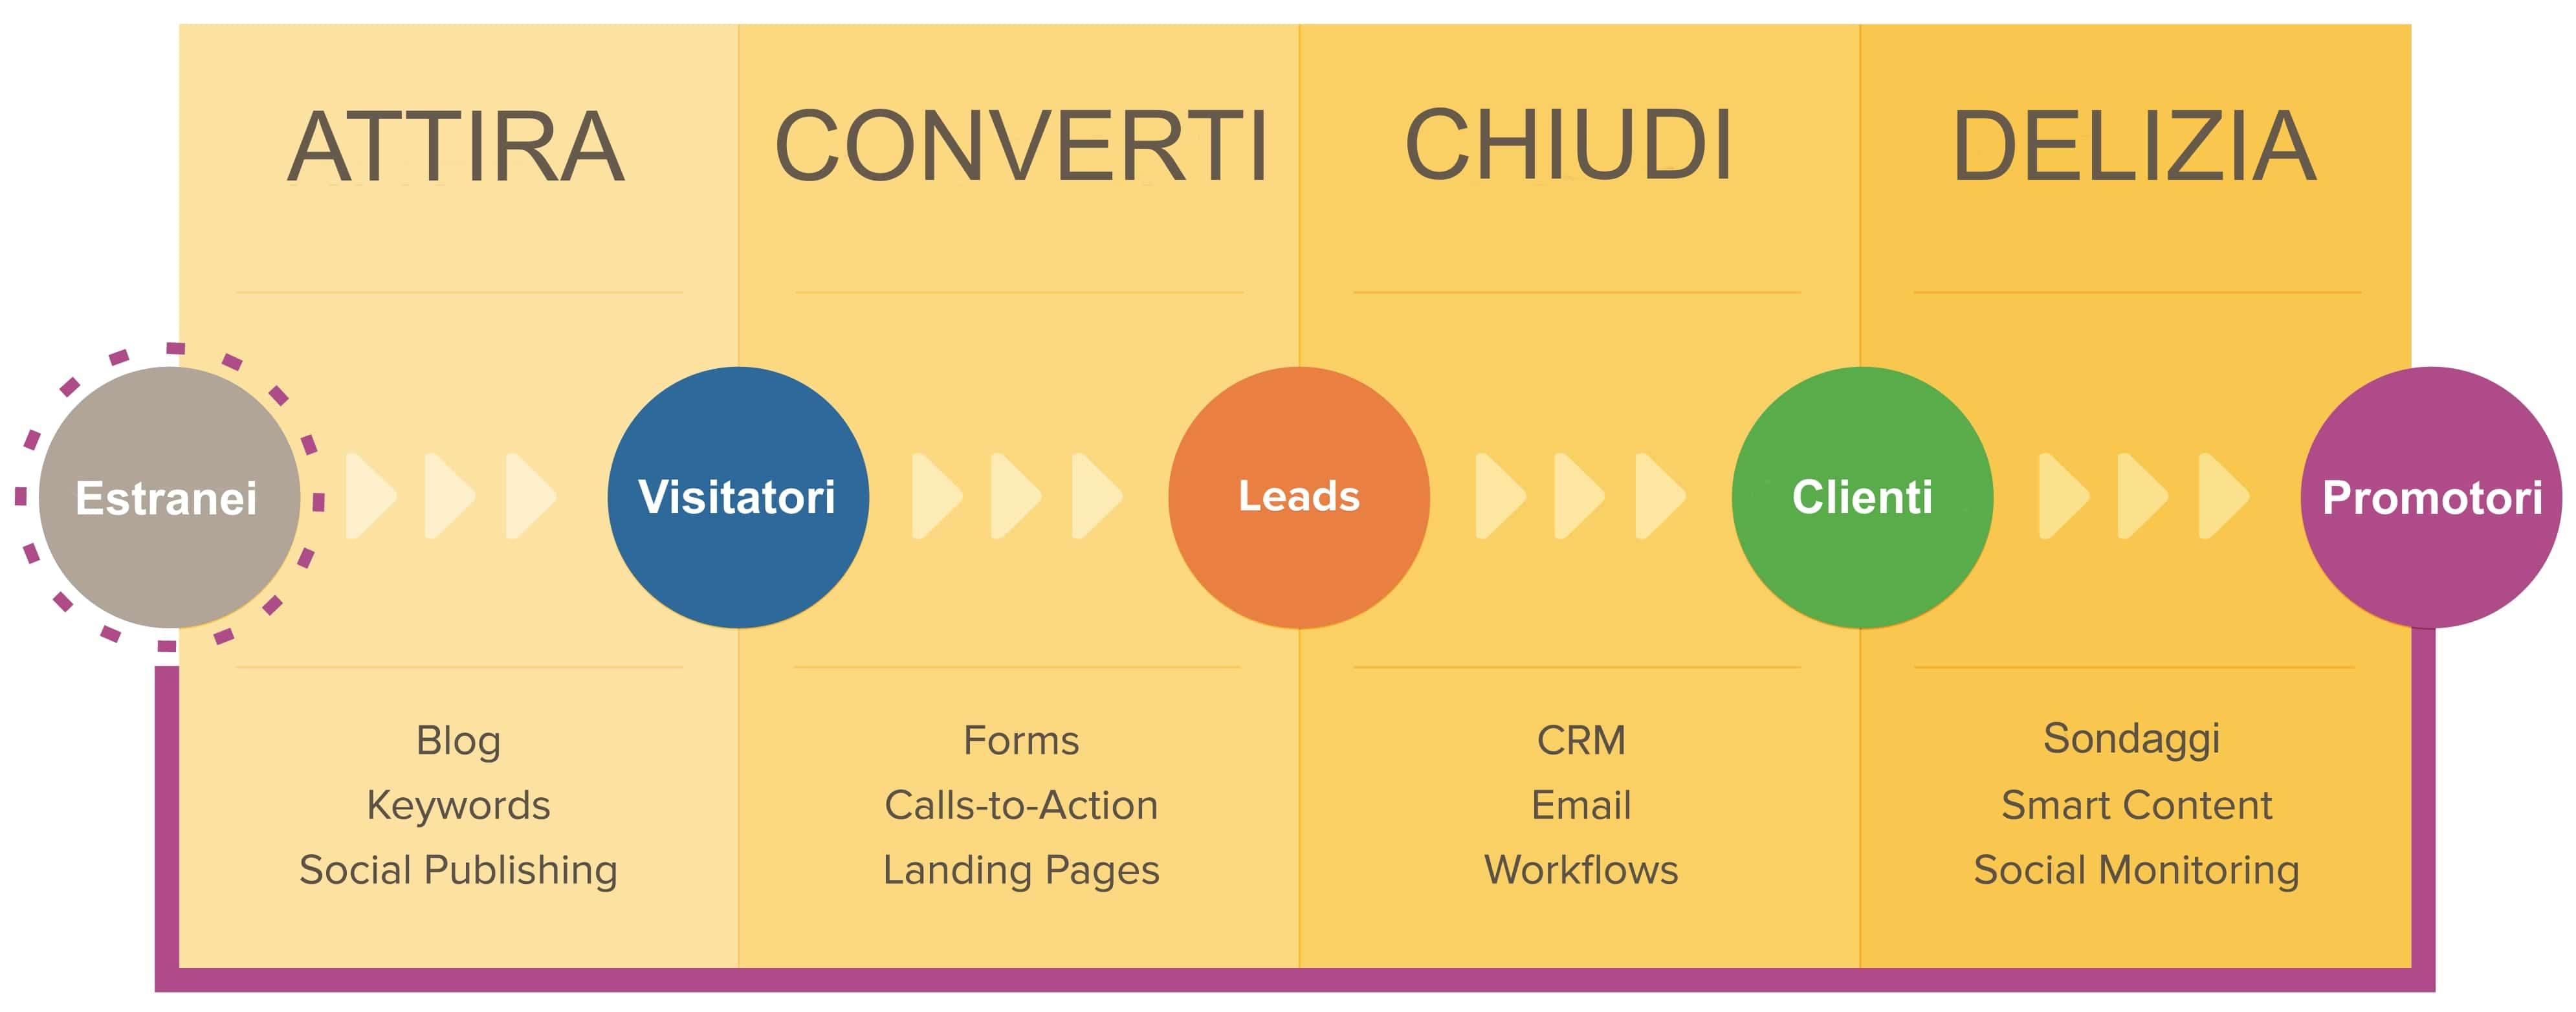 metodologia-inbound-marketing-1.jpg